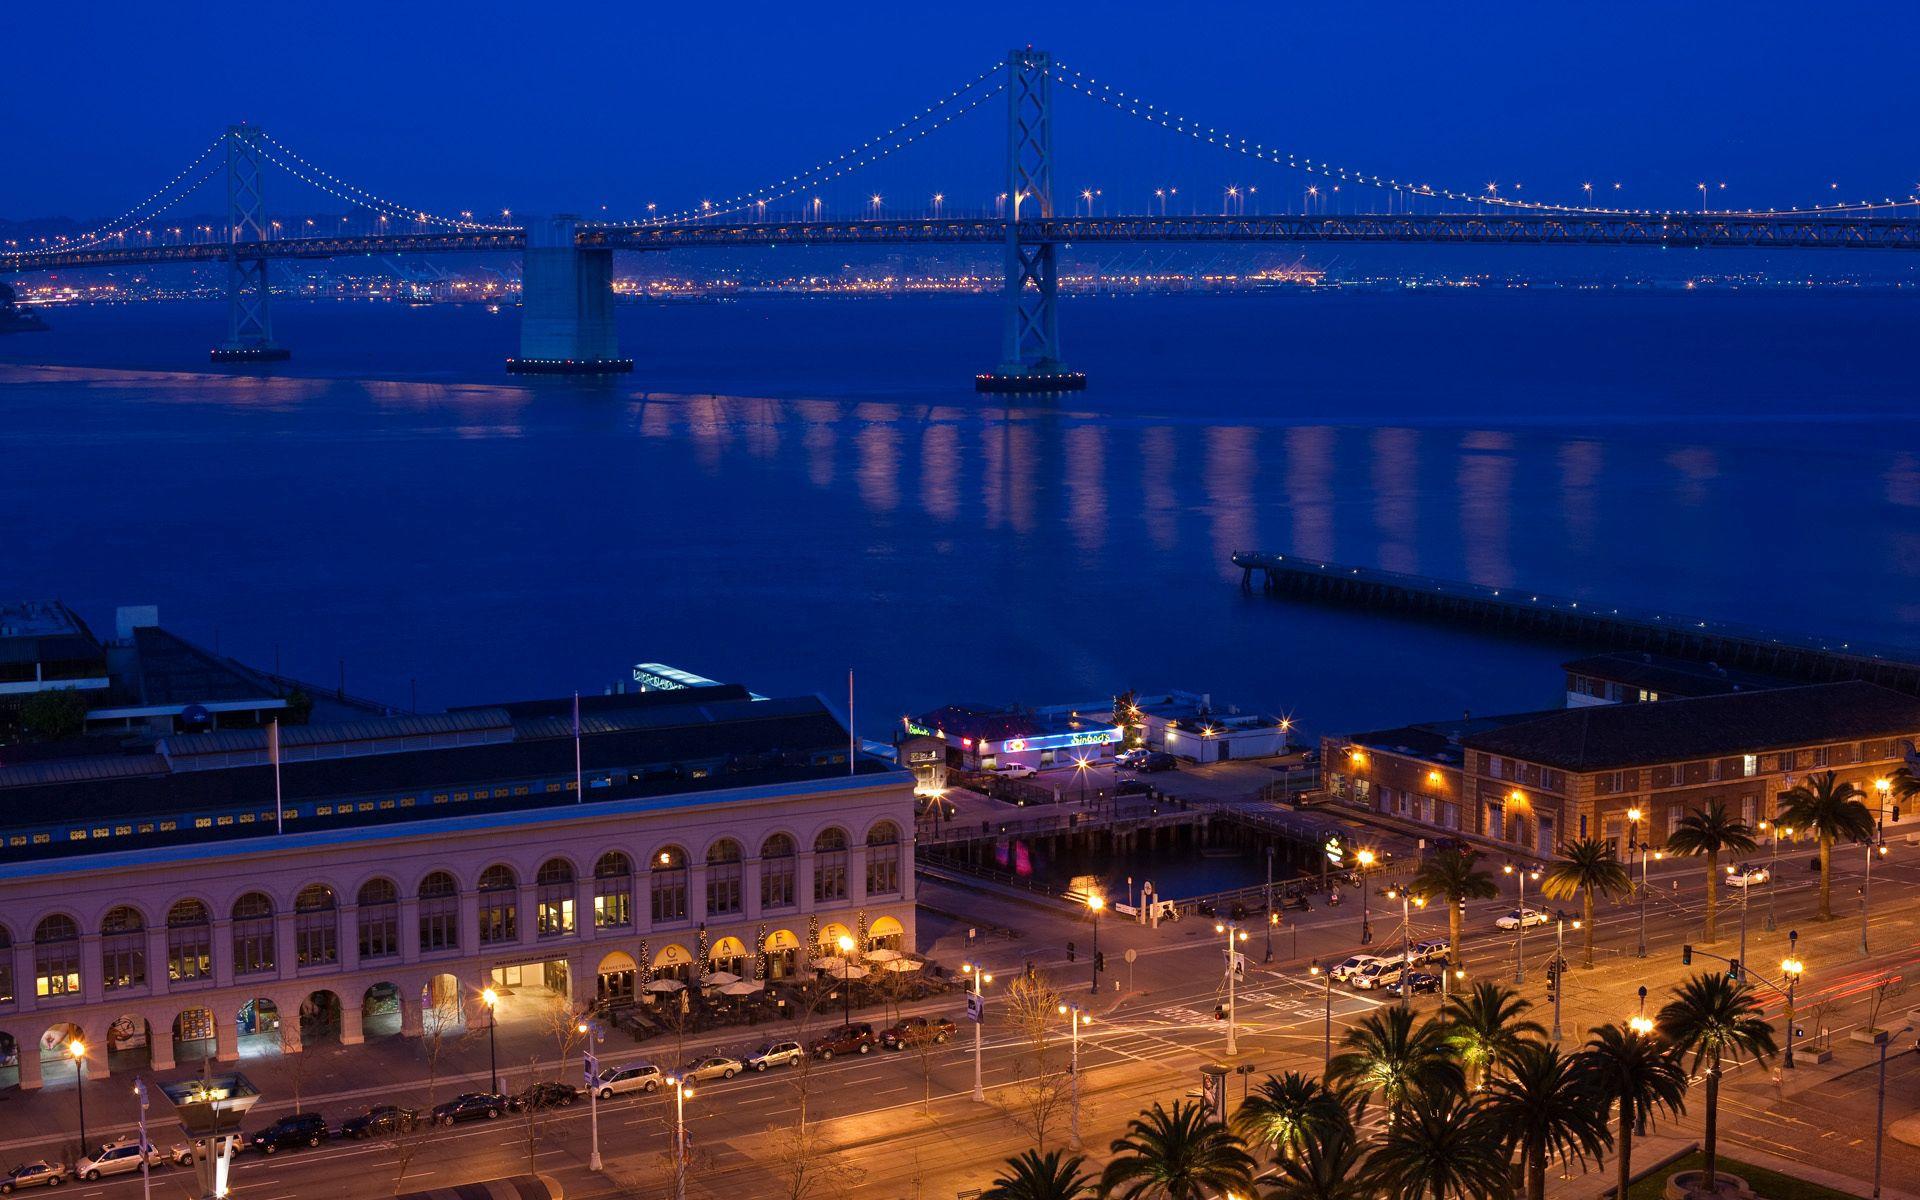 62179 fond d'écran 1080x2340 sur votre téléphone gratuitement, téléchargez des images Paysage, Villes, Briller, Lumière, Etats-Unis, États-Unis, Californie, San Francisco, Pont Du Golden Gate, Le Pont Du Golden Gate 1080x2340 sur votre mobile